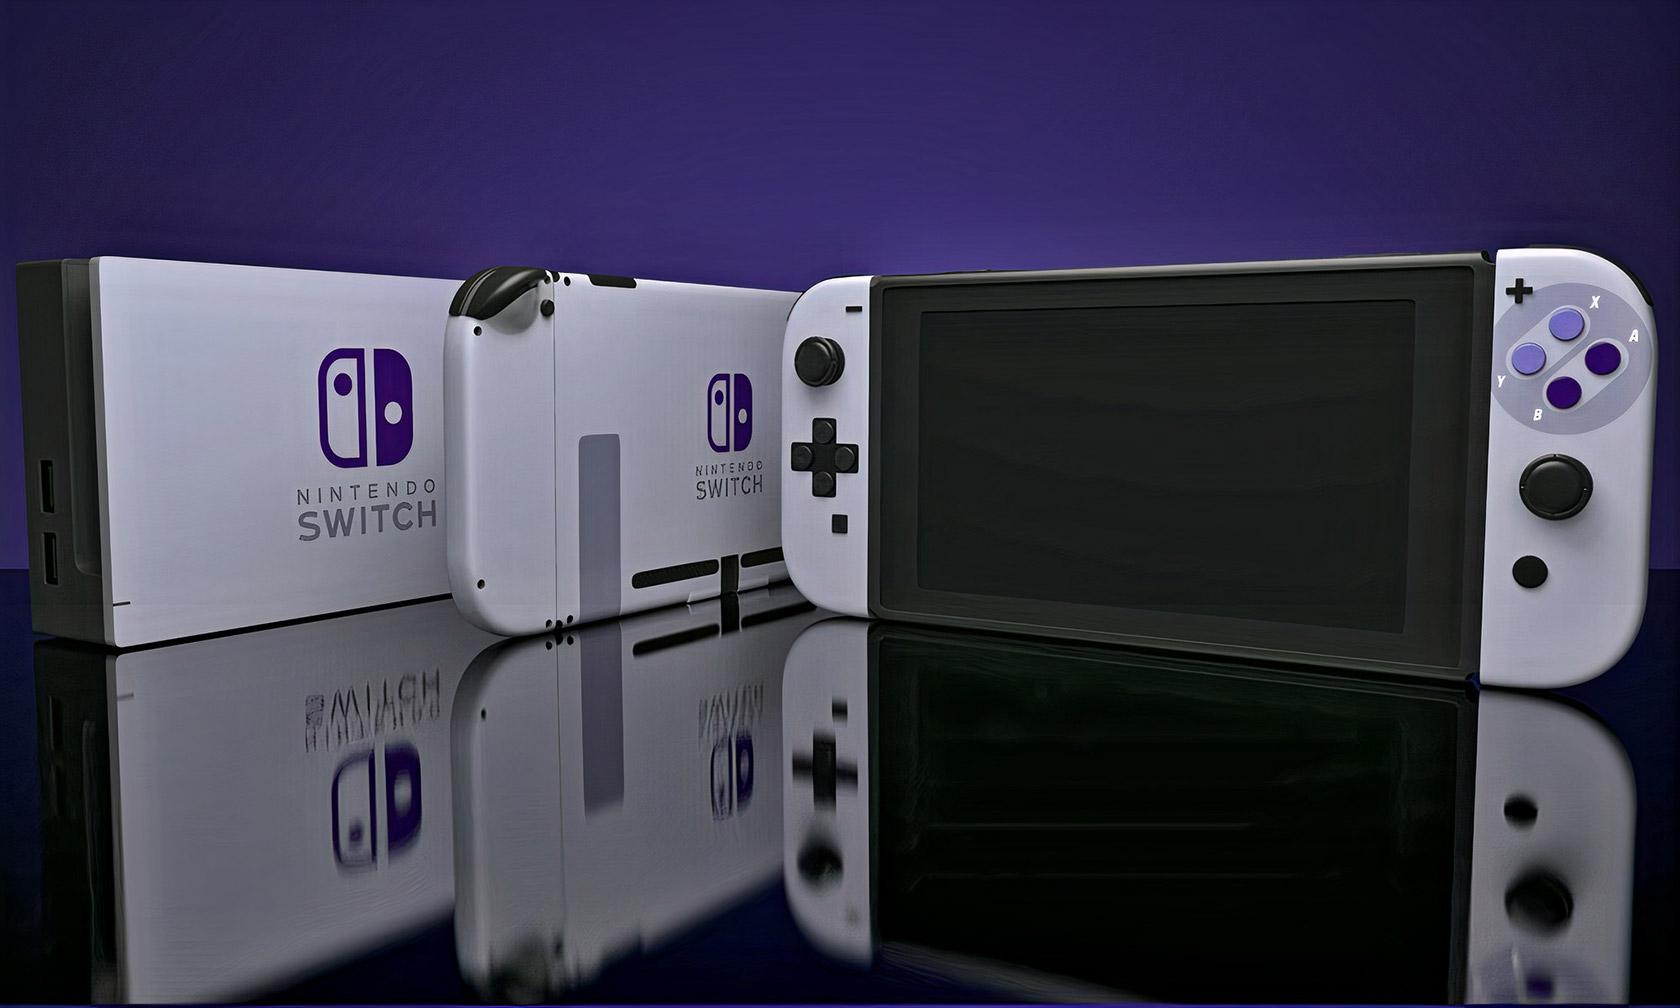 ¡Sorprendente! Nintendo Switch ha sido la consola de videojuegos más vendida en los últimos años